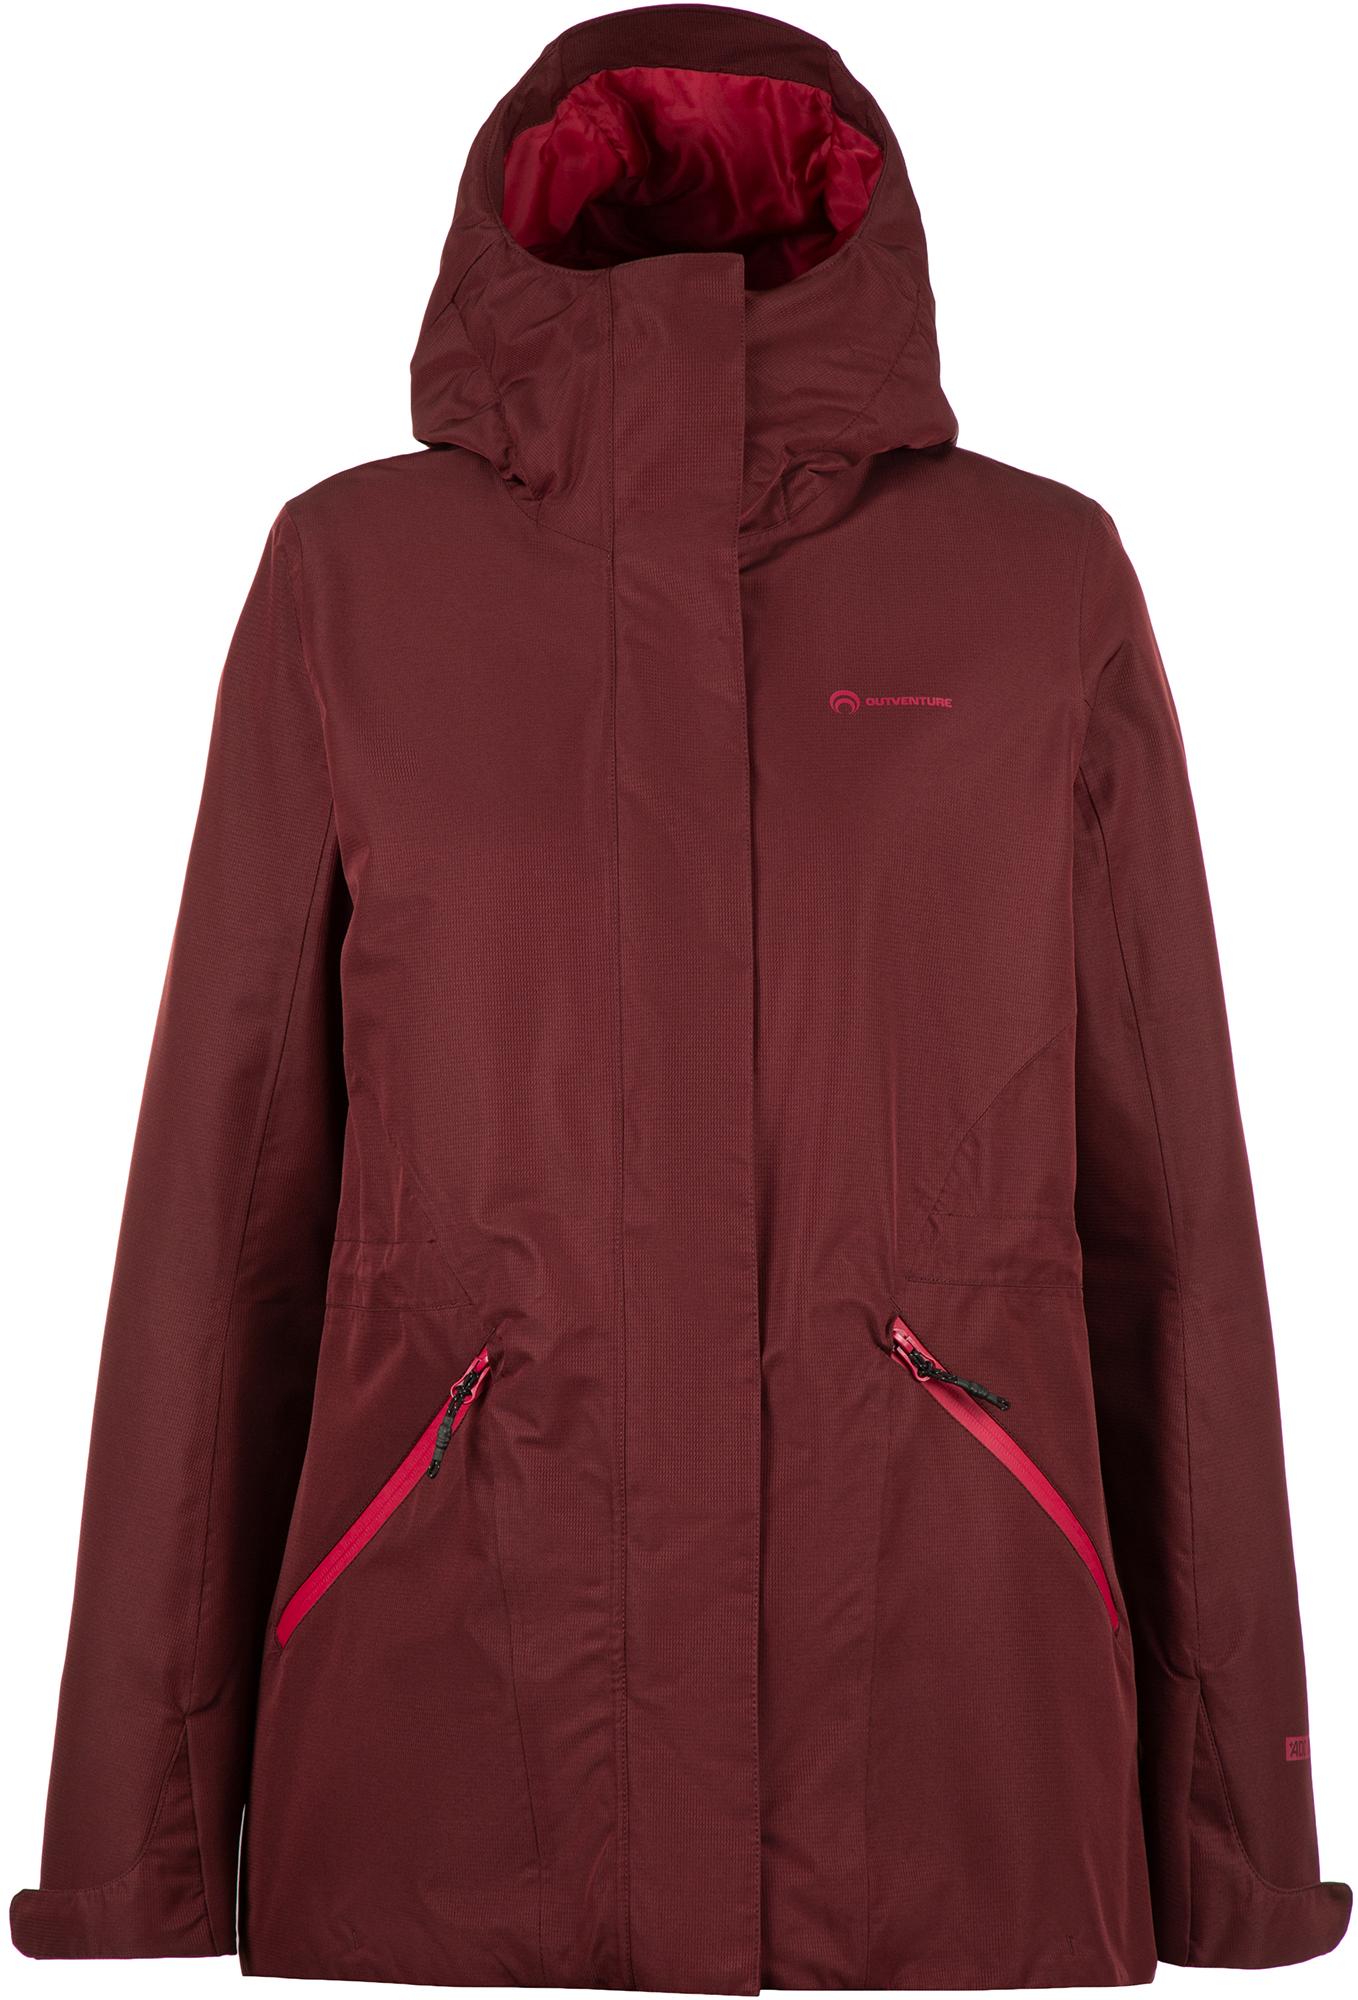 Фото - Outventure Куртка утепленная женская Outventure, размер 50 outventure куртка утепленная мужская outventure размер 50